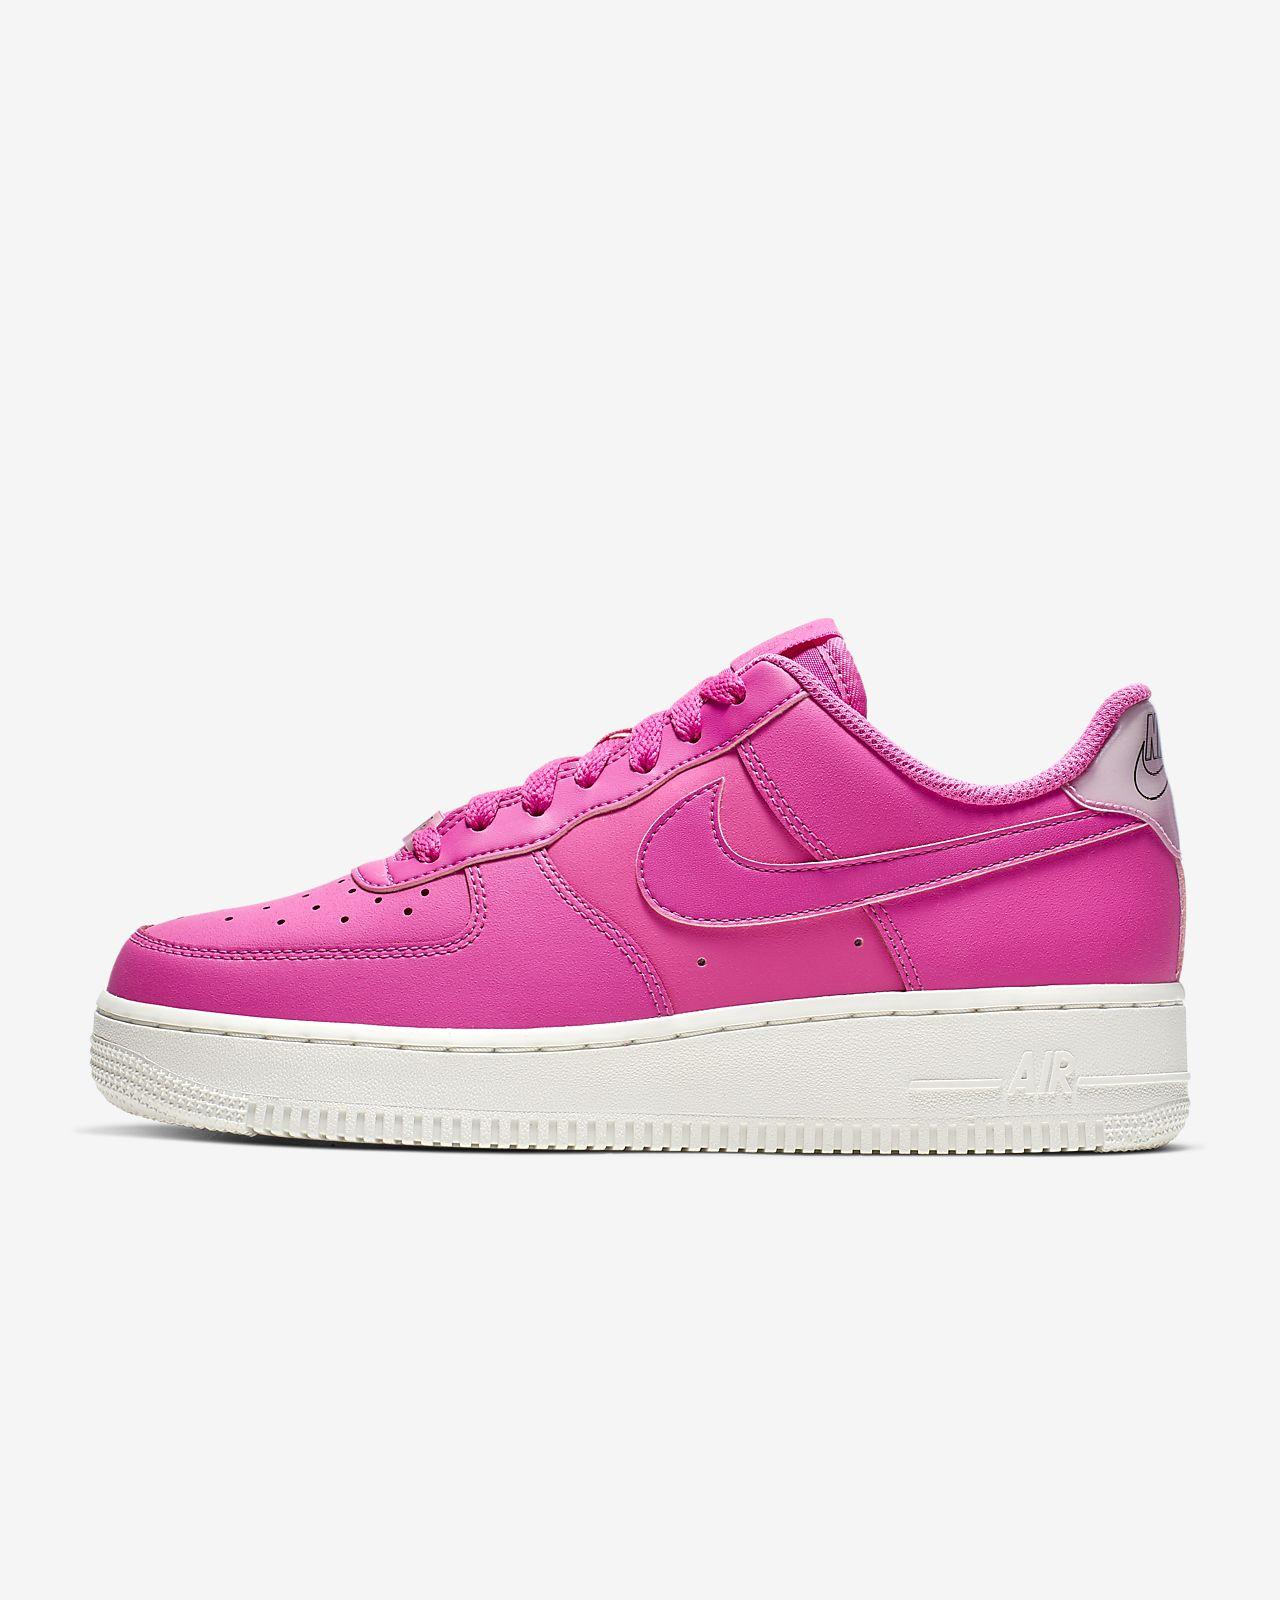 Nike Air Force 1 '07 Essential női cipő